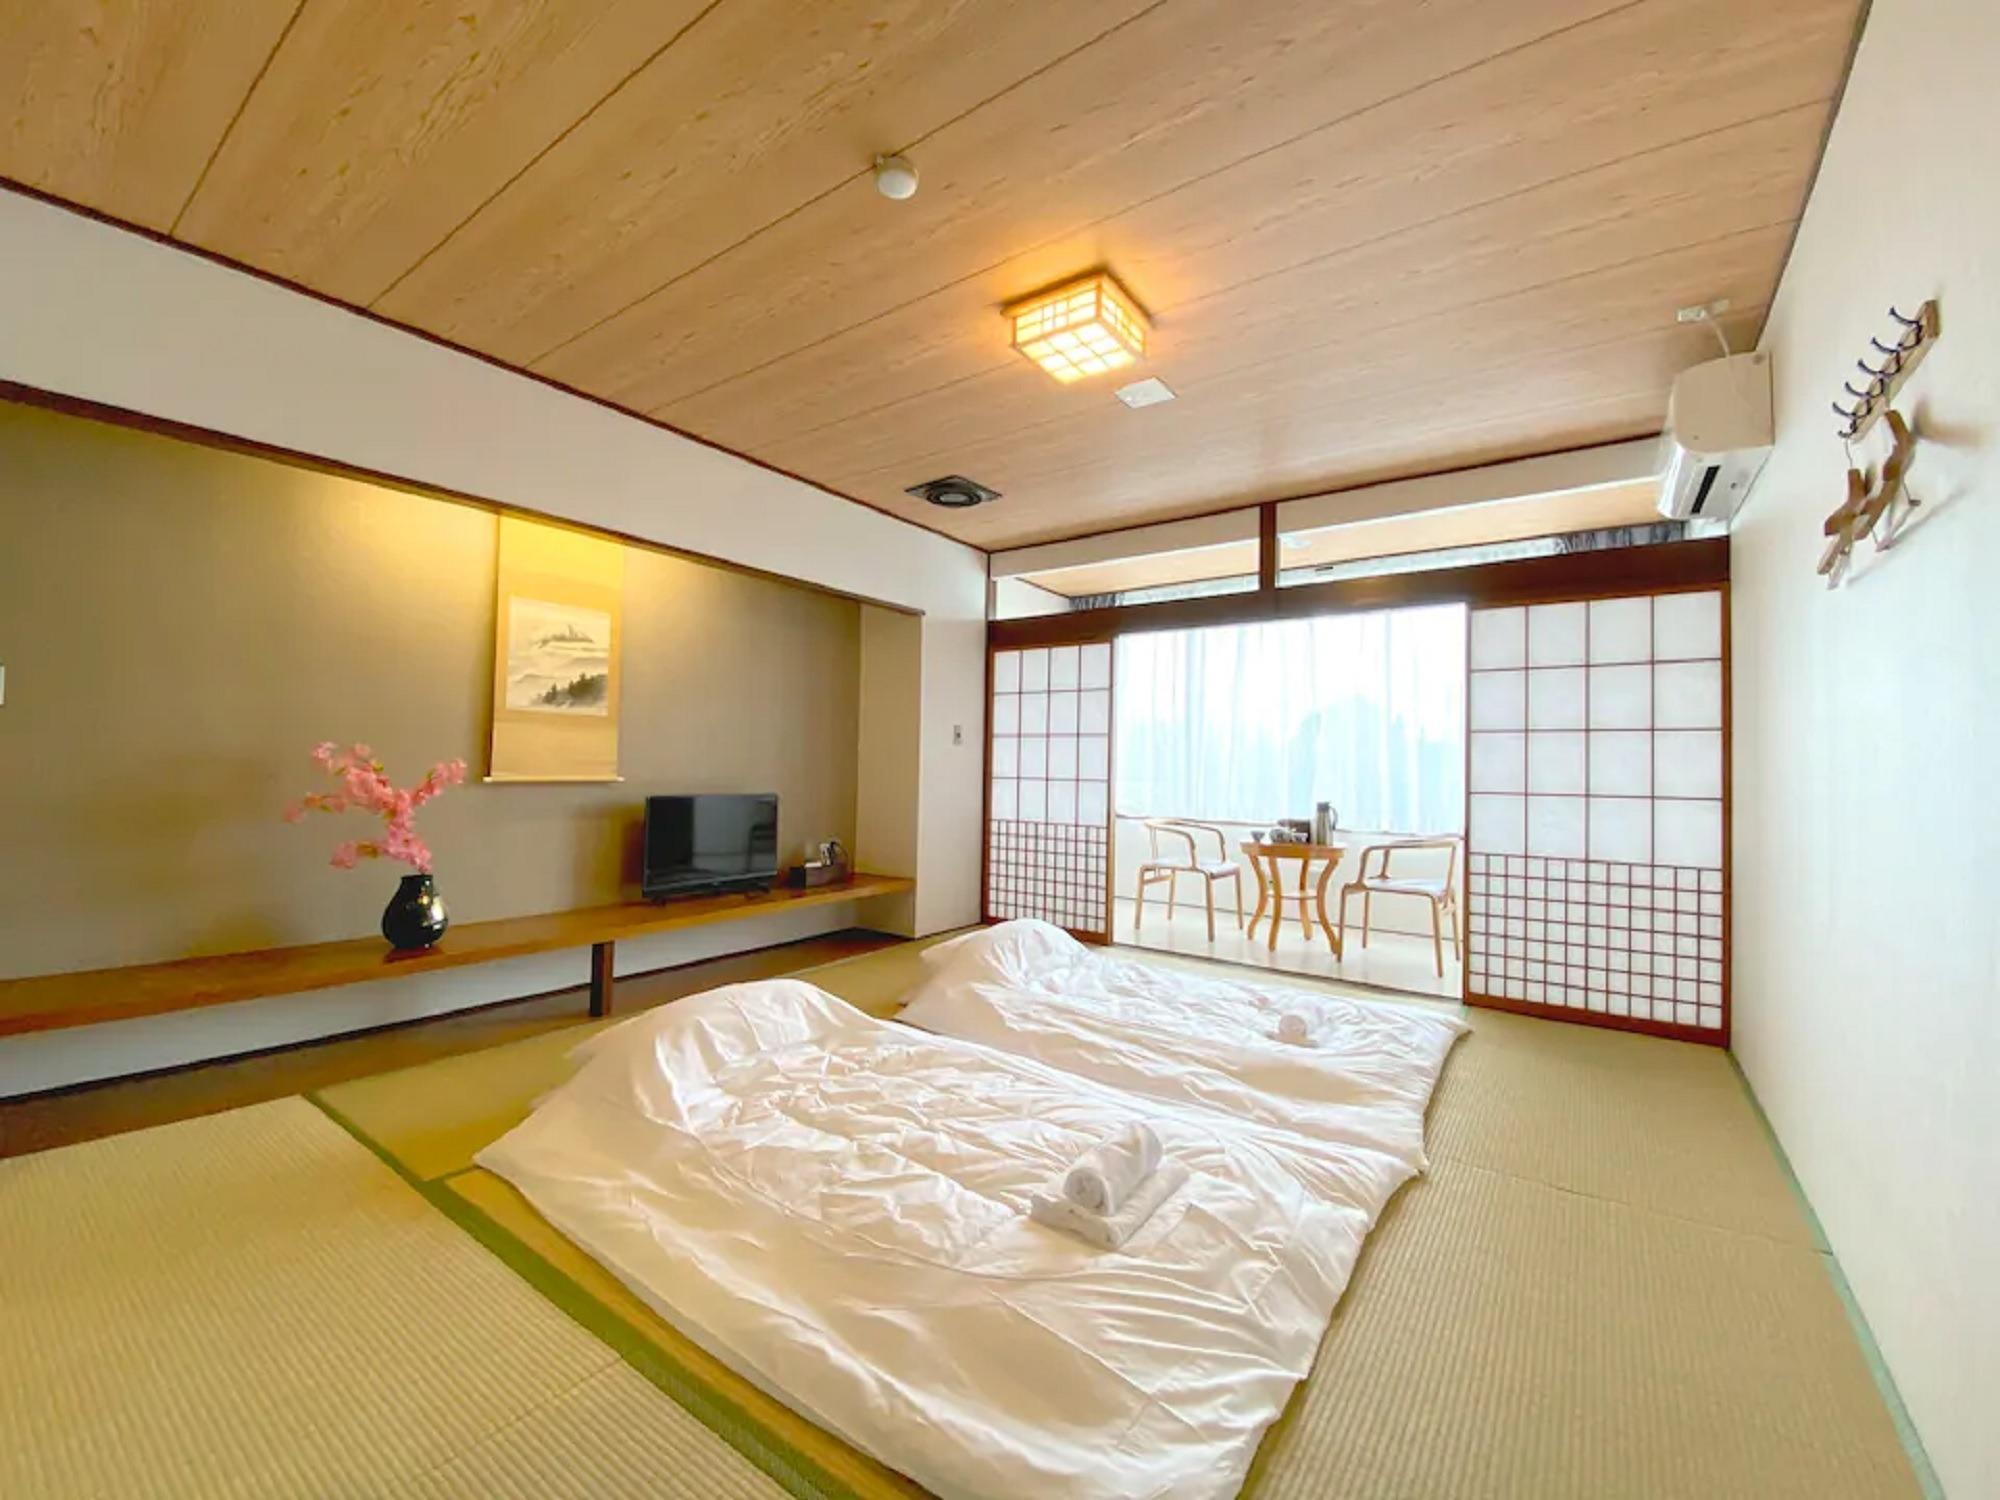 山中湖畔まで2分!富士山を望む屋上♪BBQ可能★家族★グループ合宿★B96-2